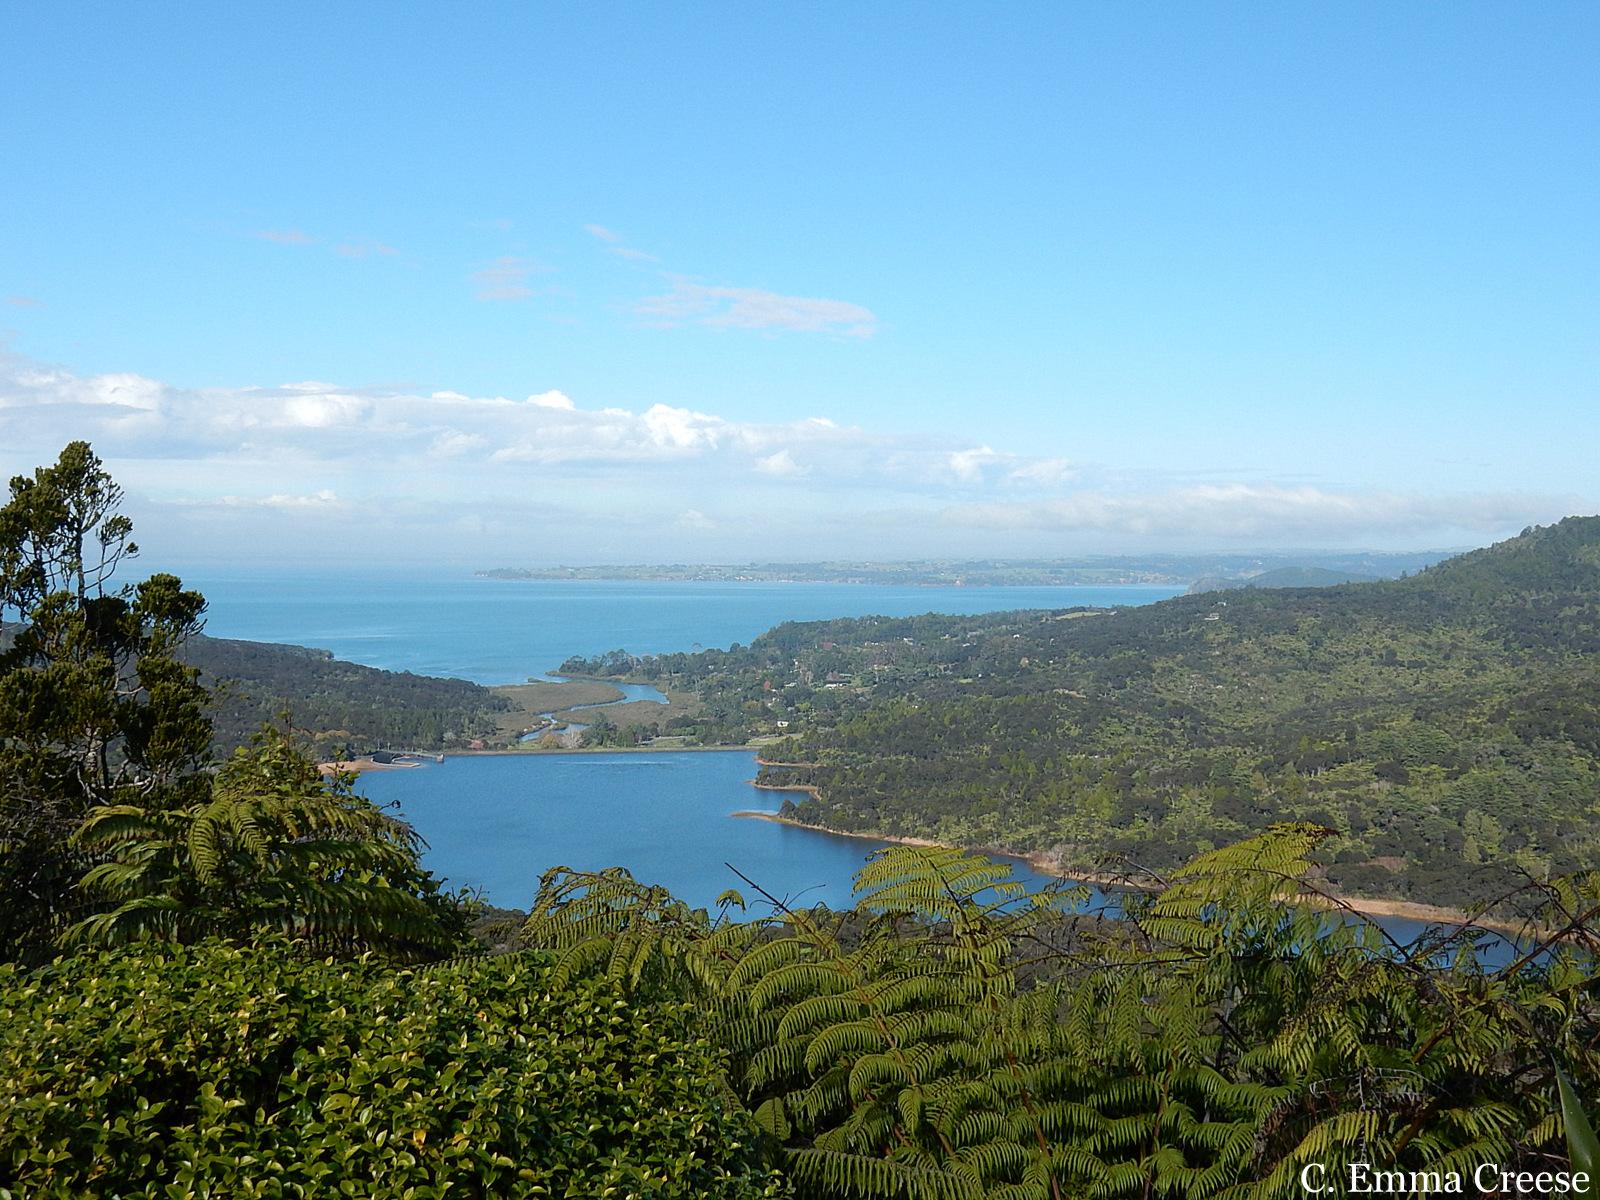 Titirangi and Manukau Heads, Auckland, New Zealand